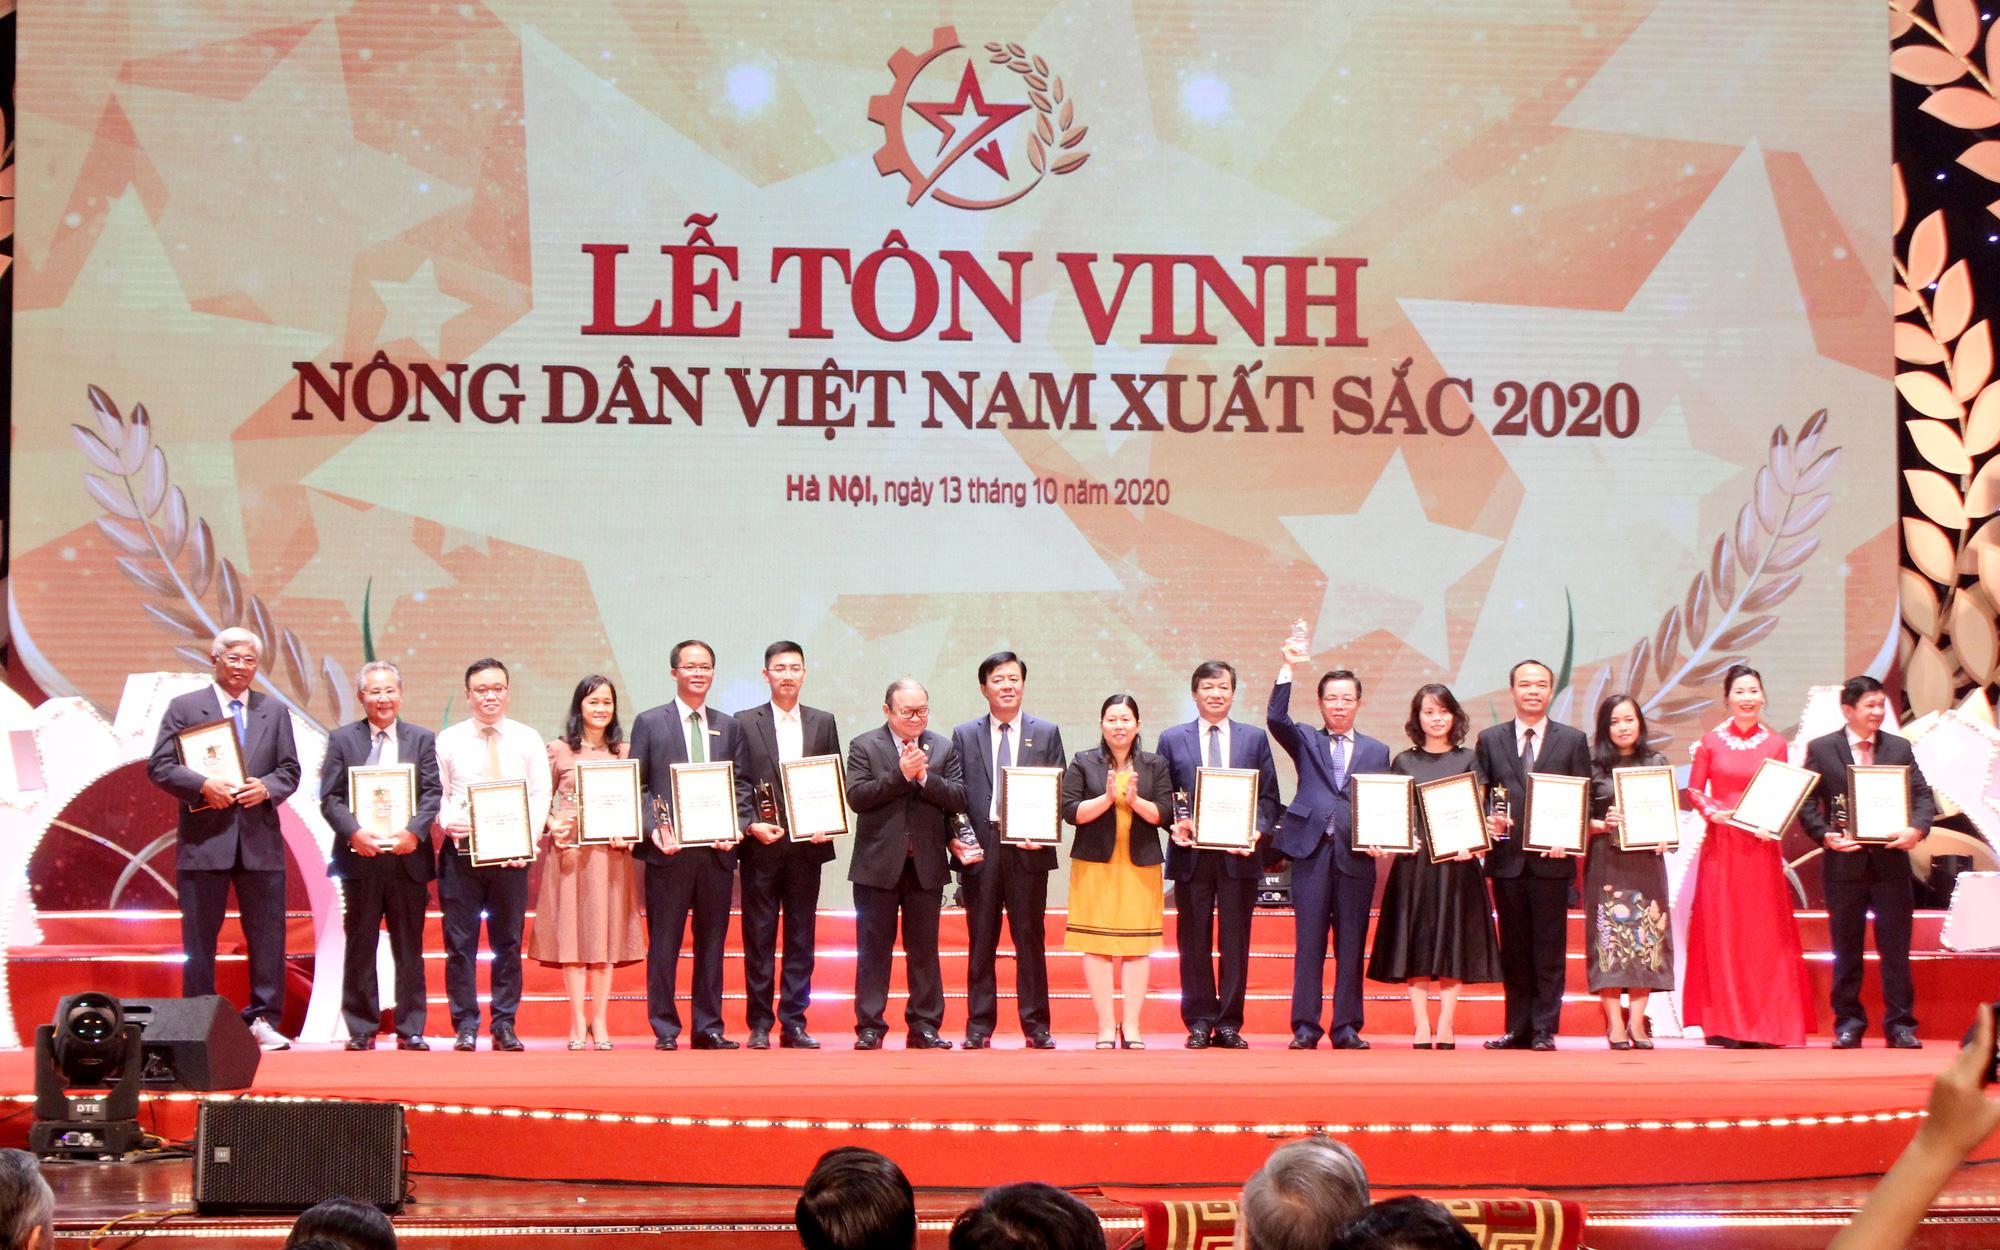 Khởi động Chương trình Tự hào nông dân Việt Nam 2021 - Ảnh 3.